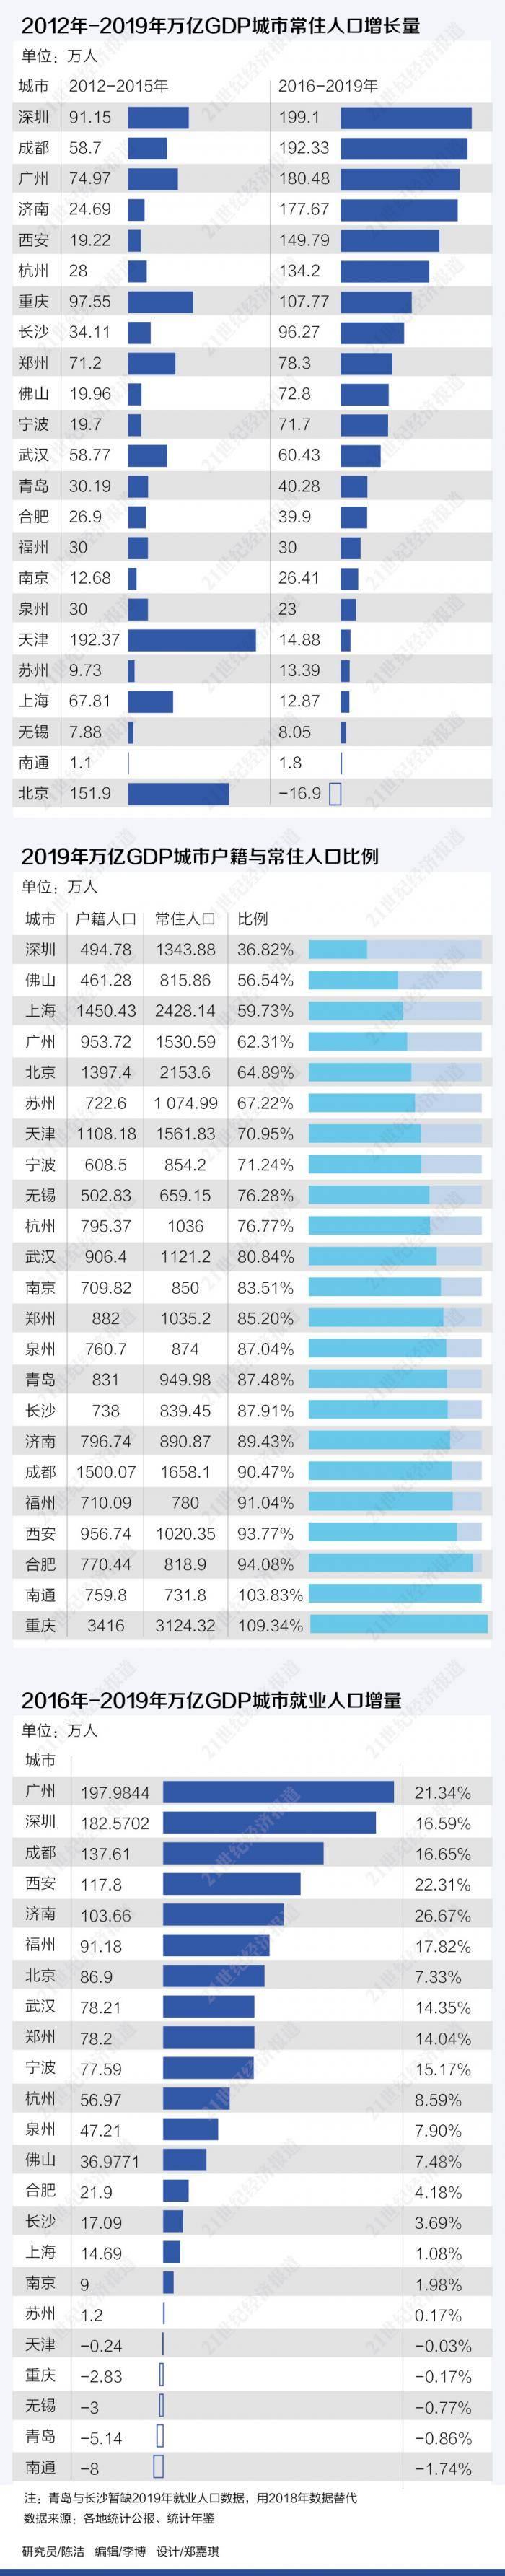 西安市常住人口_陕西省常住人口3952.9万人西安1295.29万人